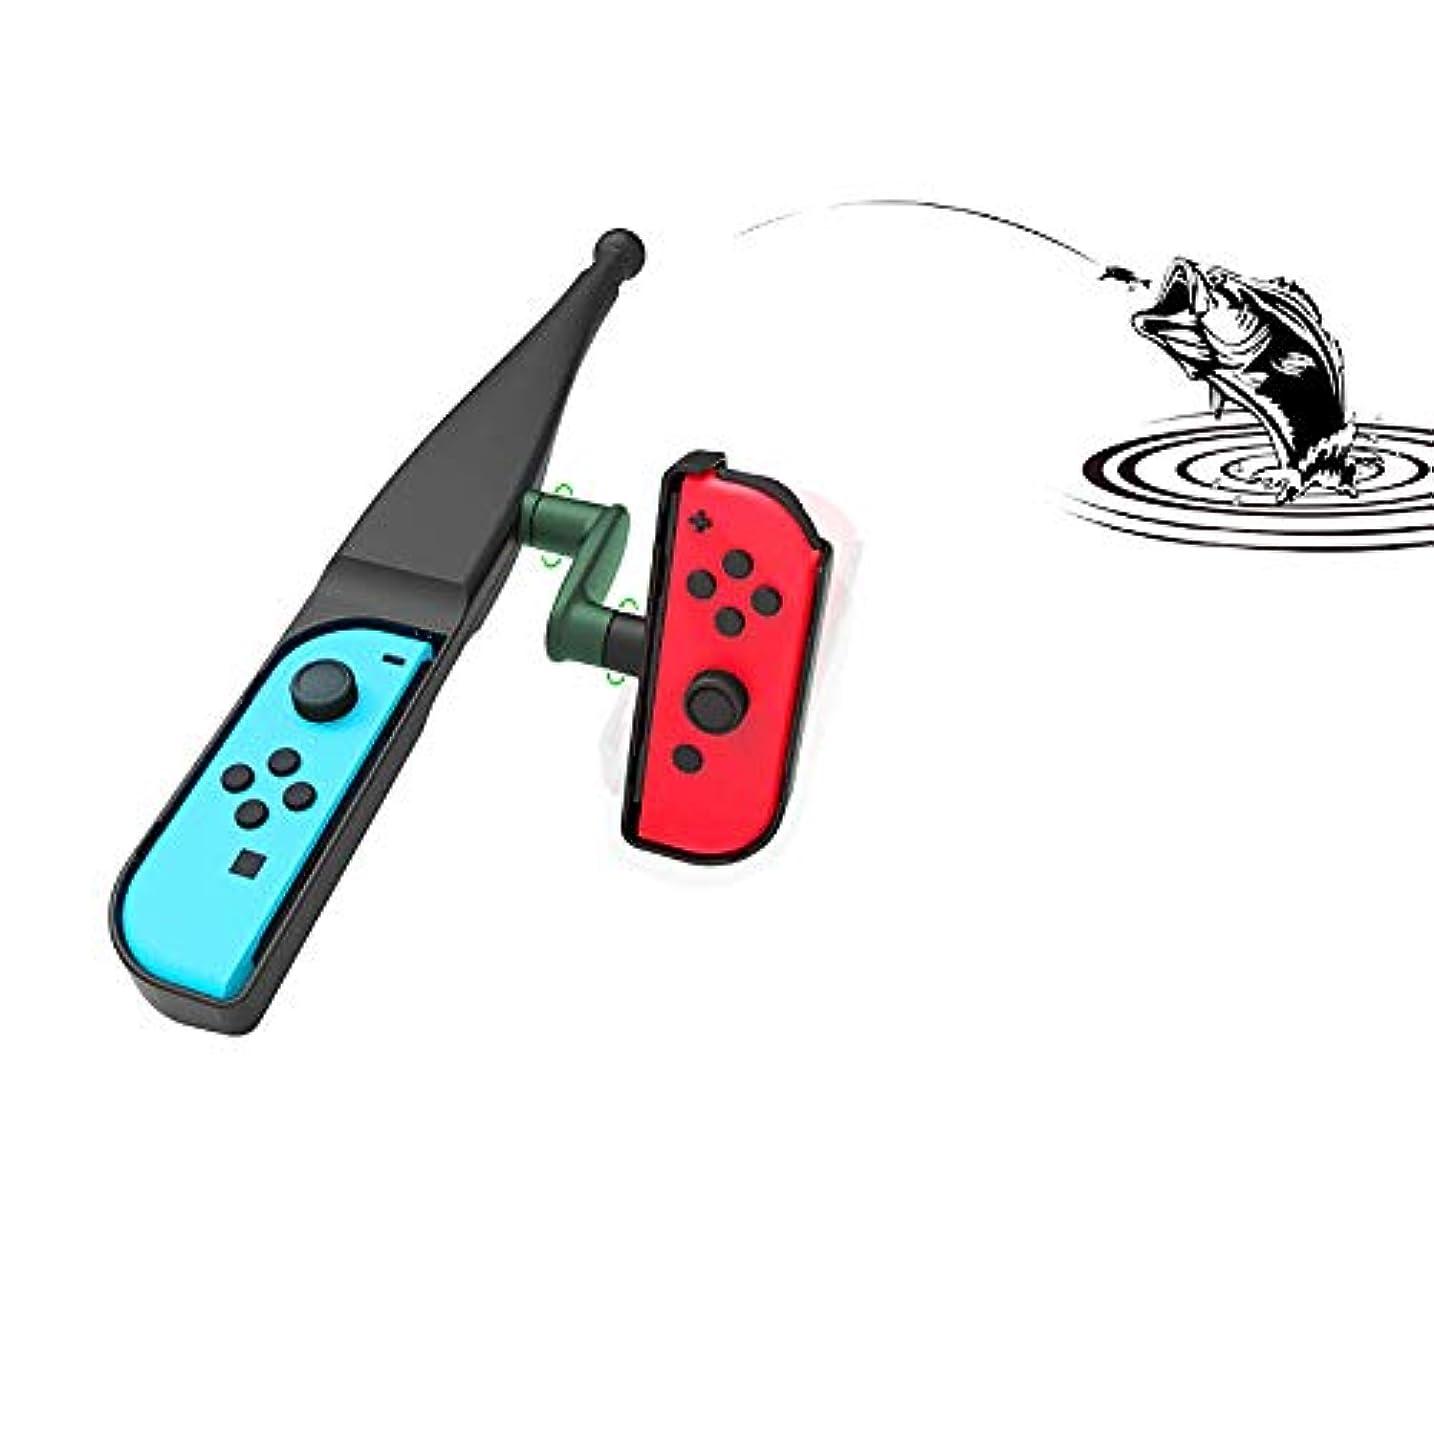 四分円物理的な水銀の釣り竿 Nintendo Switch Joy-con用 釣竿 釣りロッド 体感コントロールゲーム ジョイスティック ゲームパッドツール スイッチ 釣りスピリッツ対応 つり竿 釣りスタ